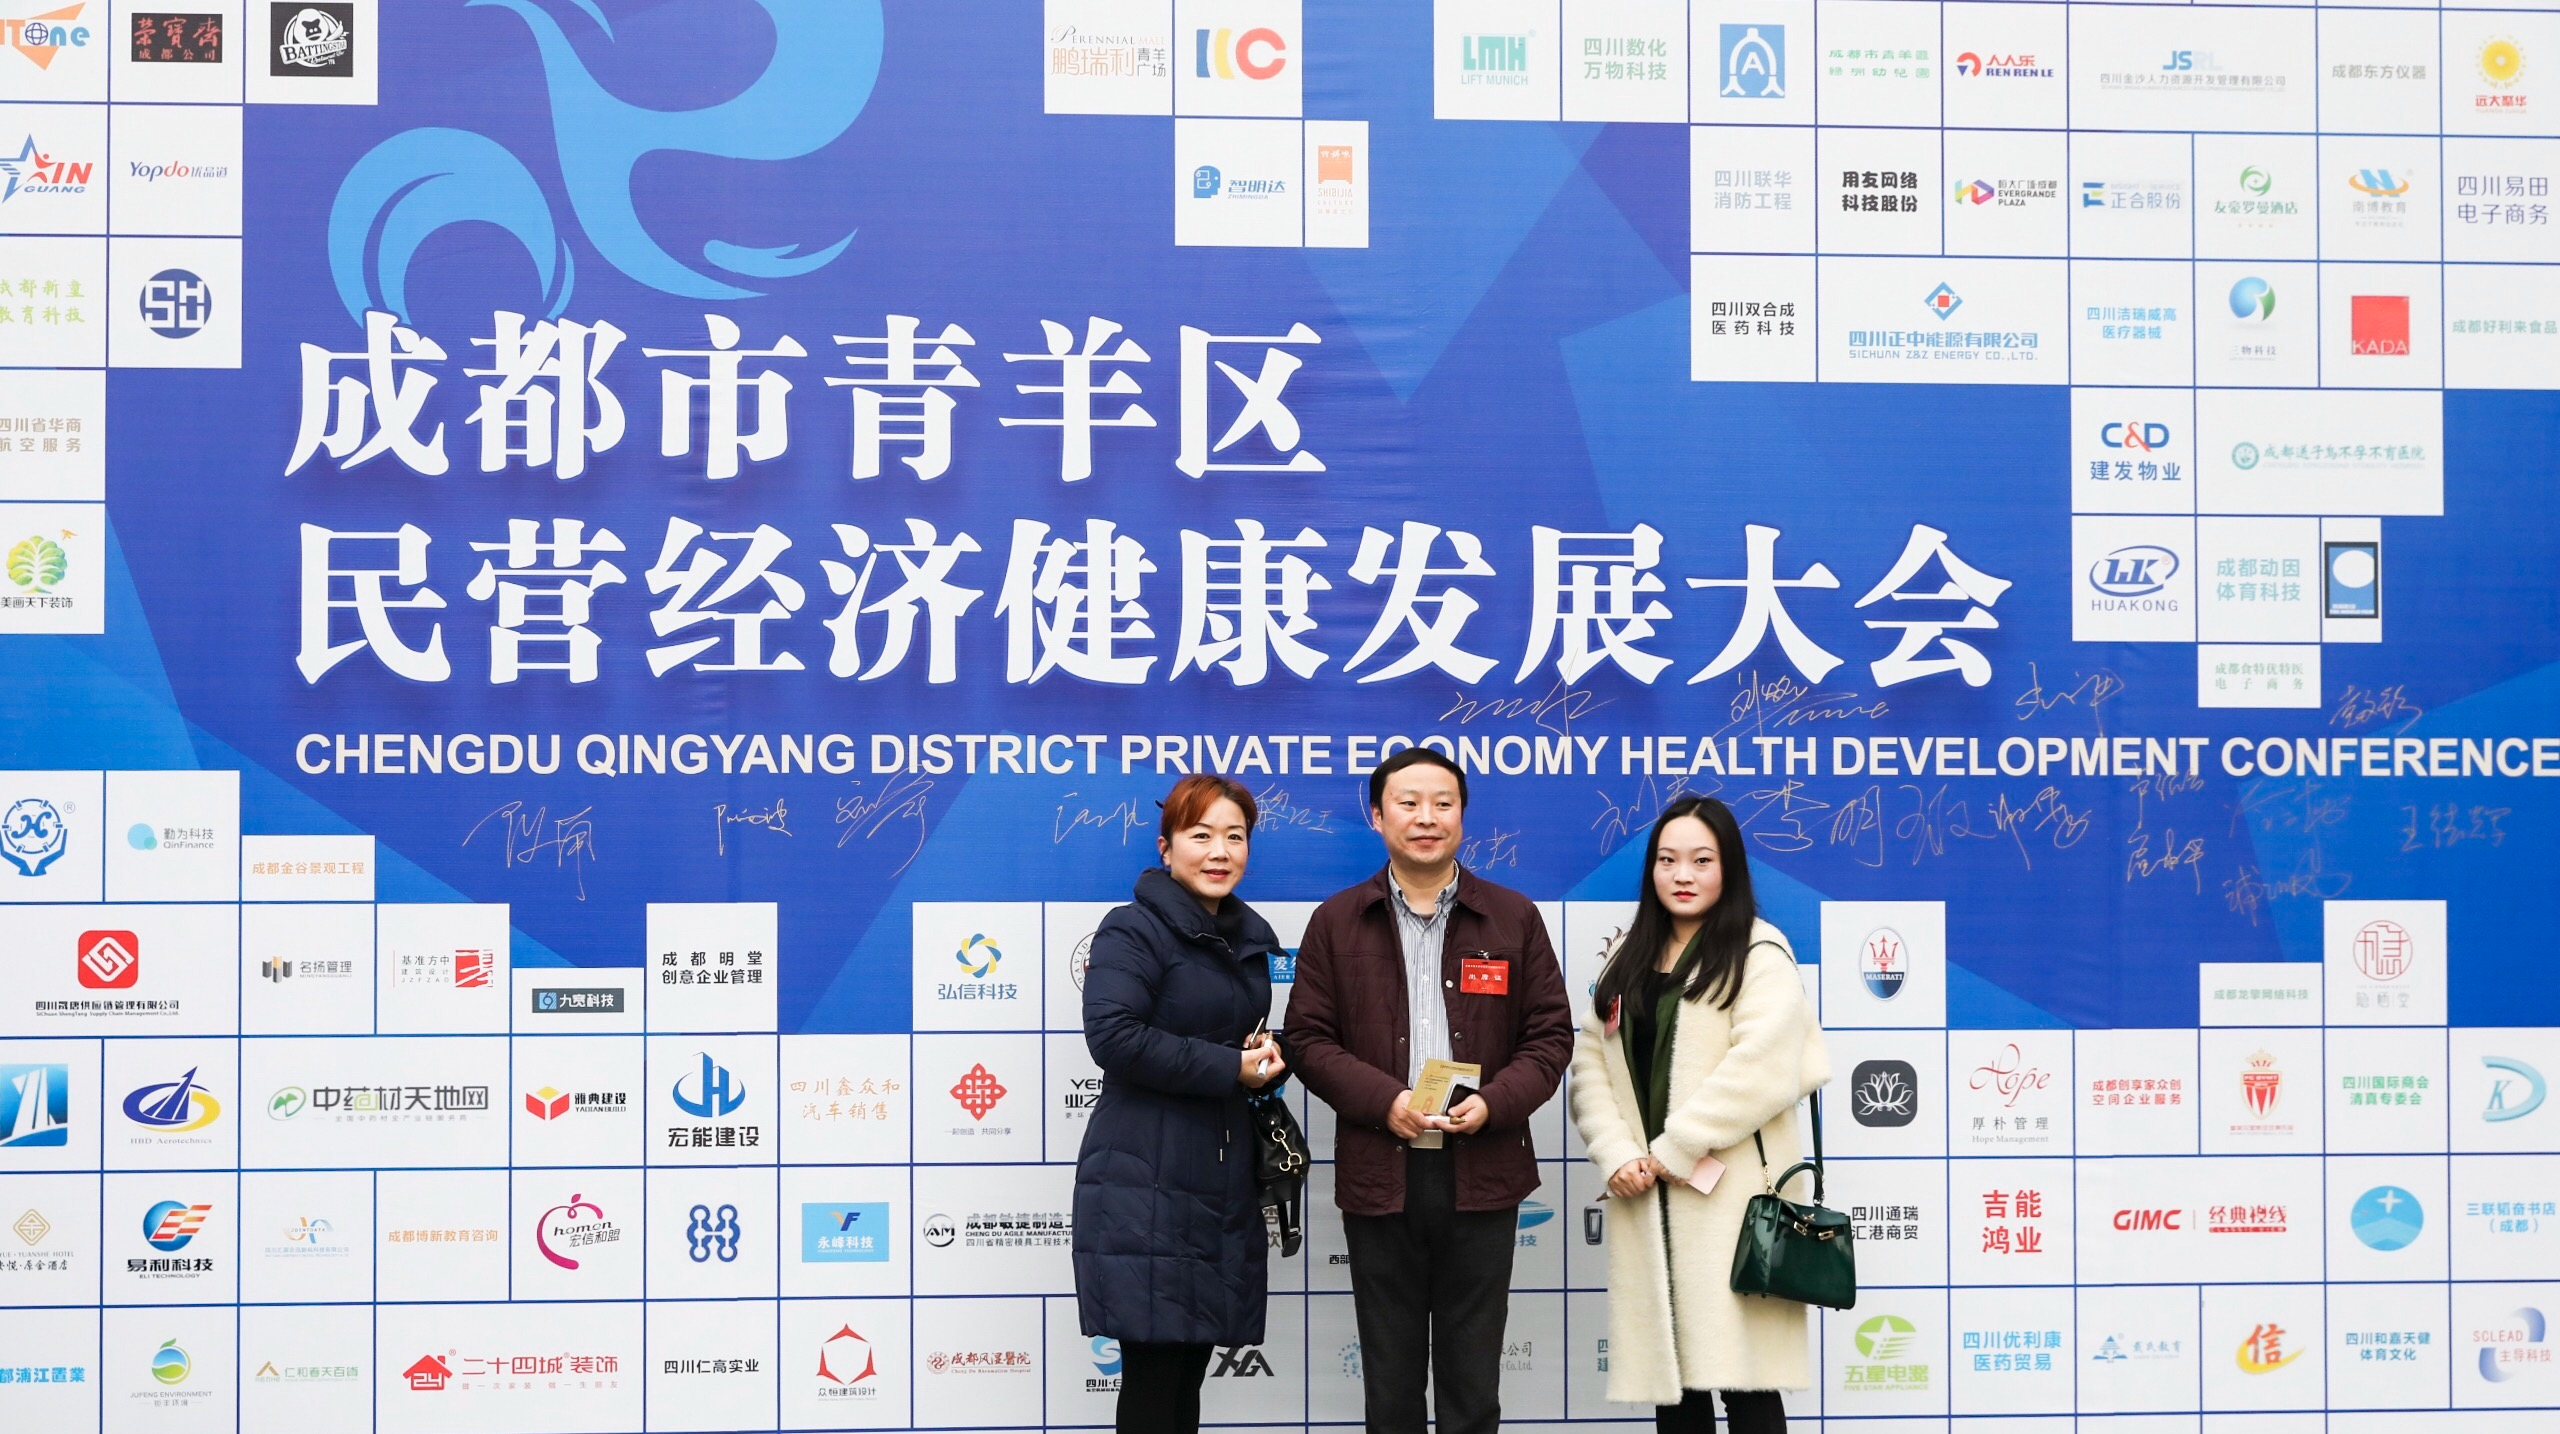 天策受邀参加青羊区民营经济健康发展大会